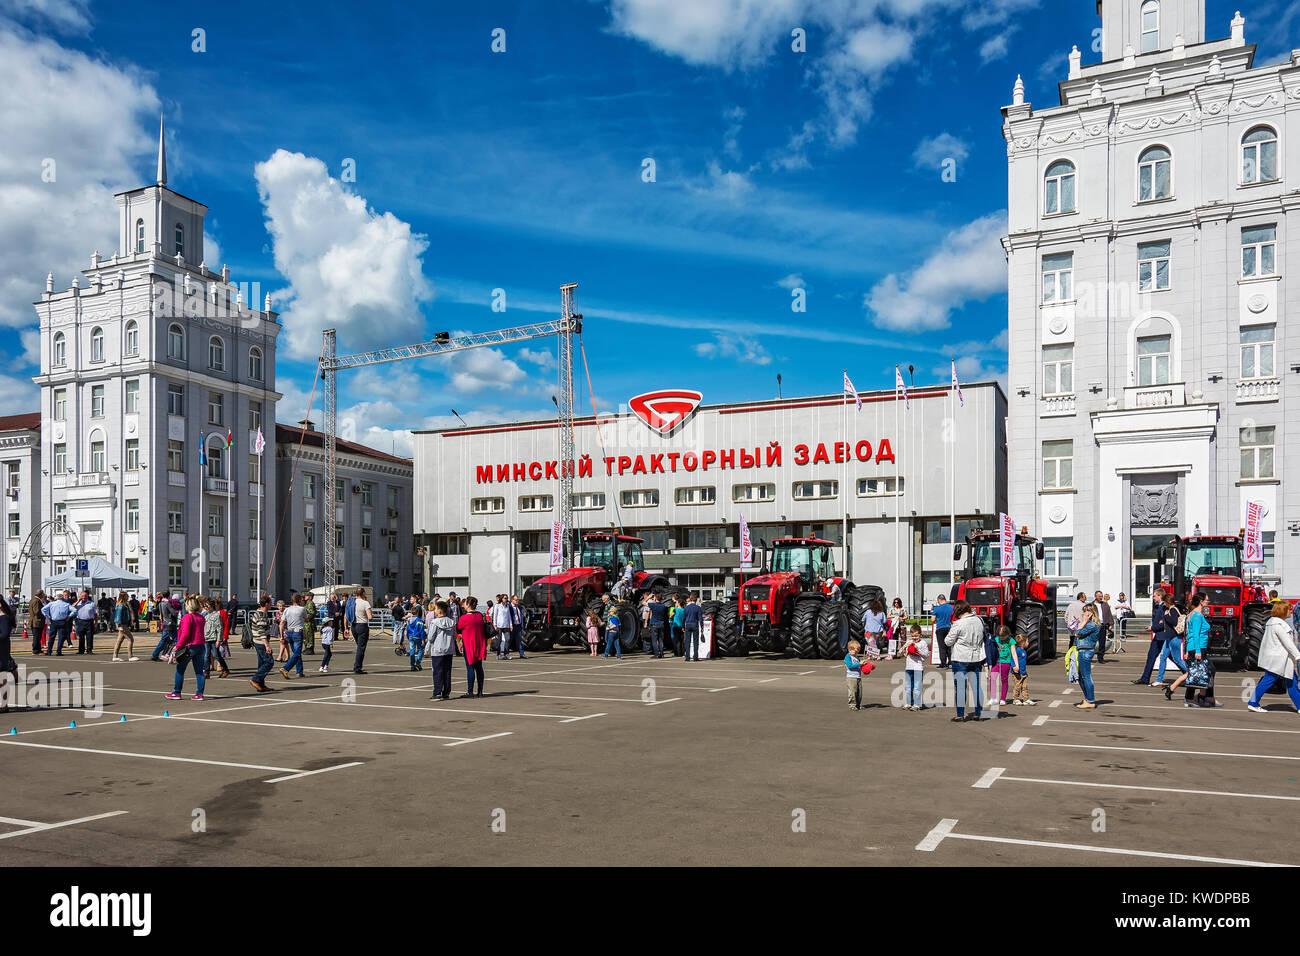 Belarus, Minsk - 27.05.2017: Ausstellung von Traktoren auf den ...